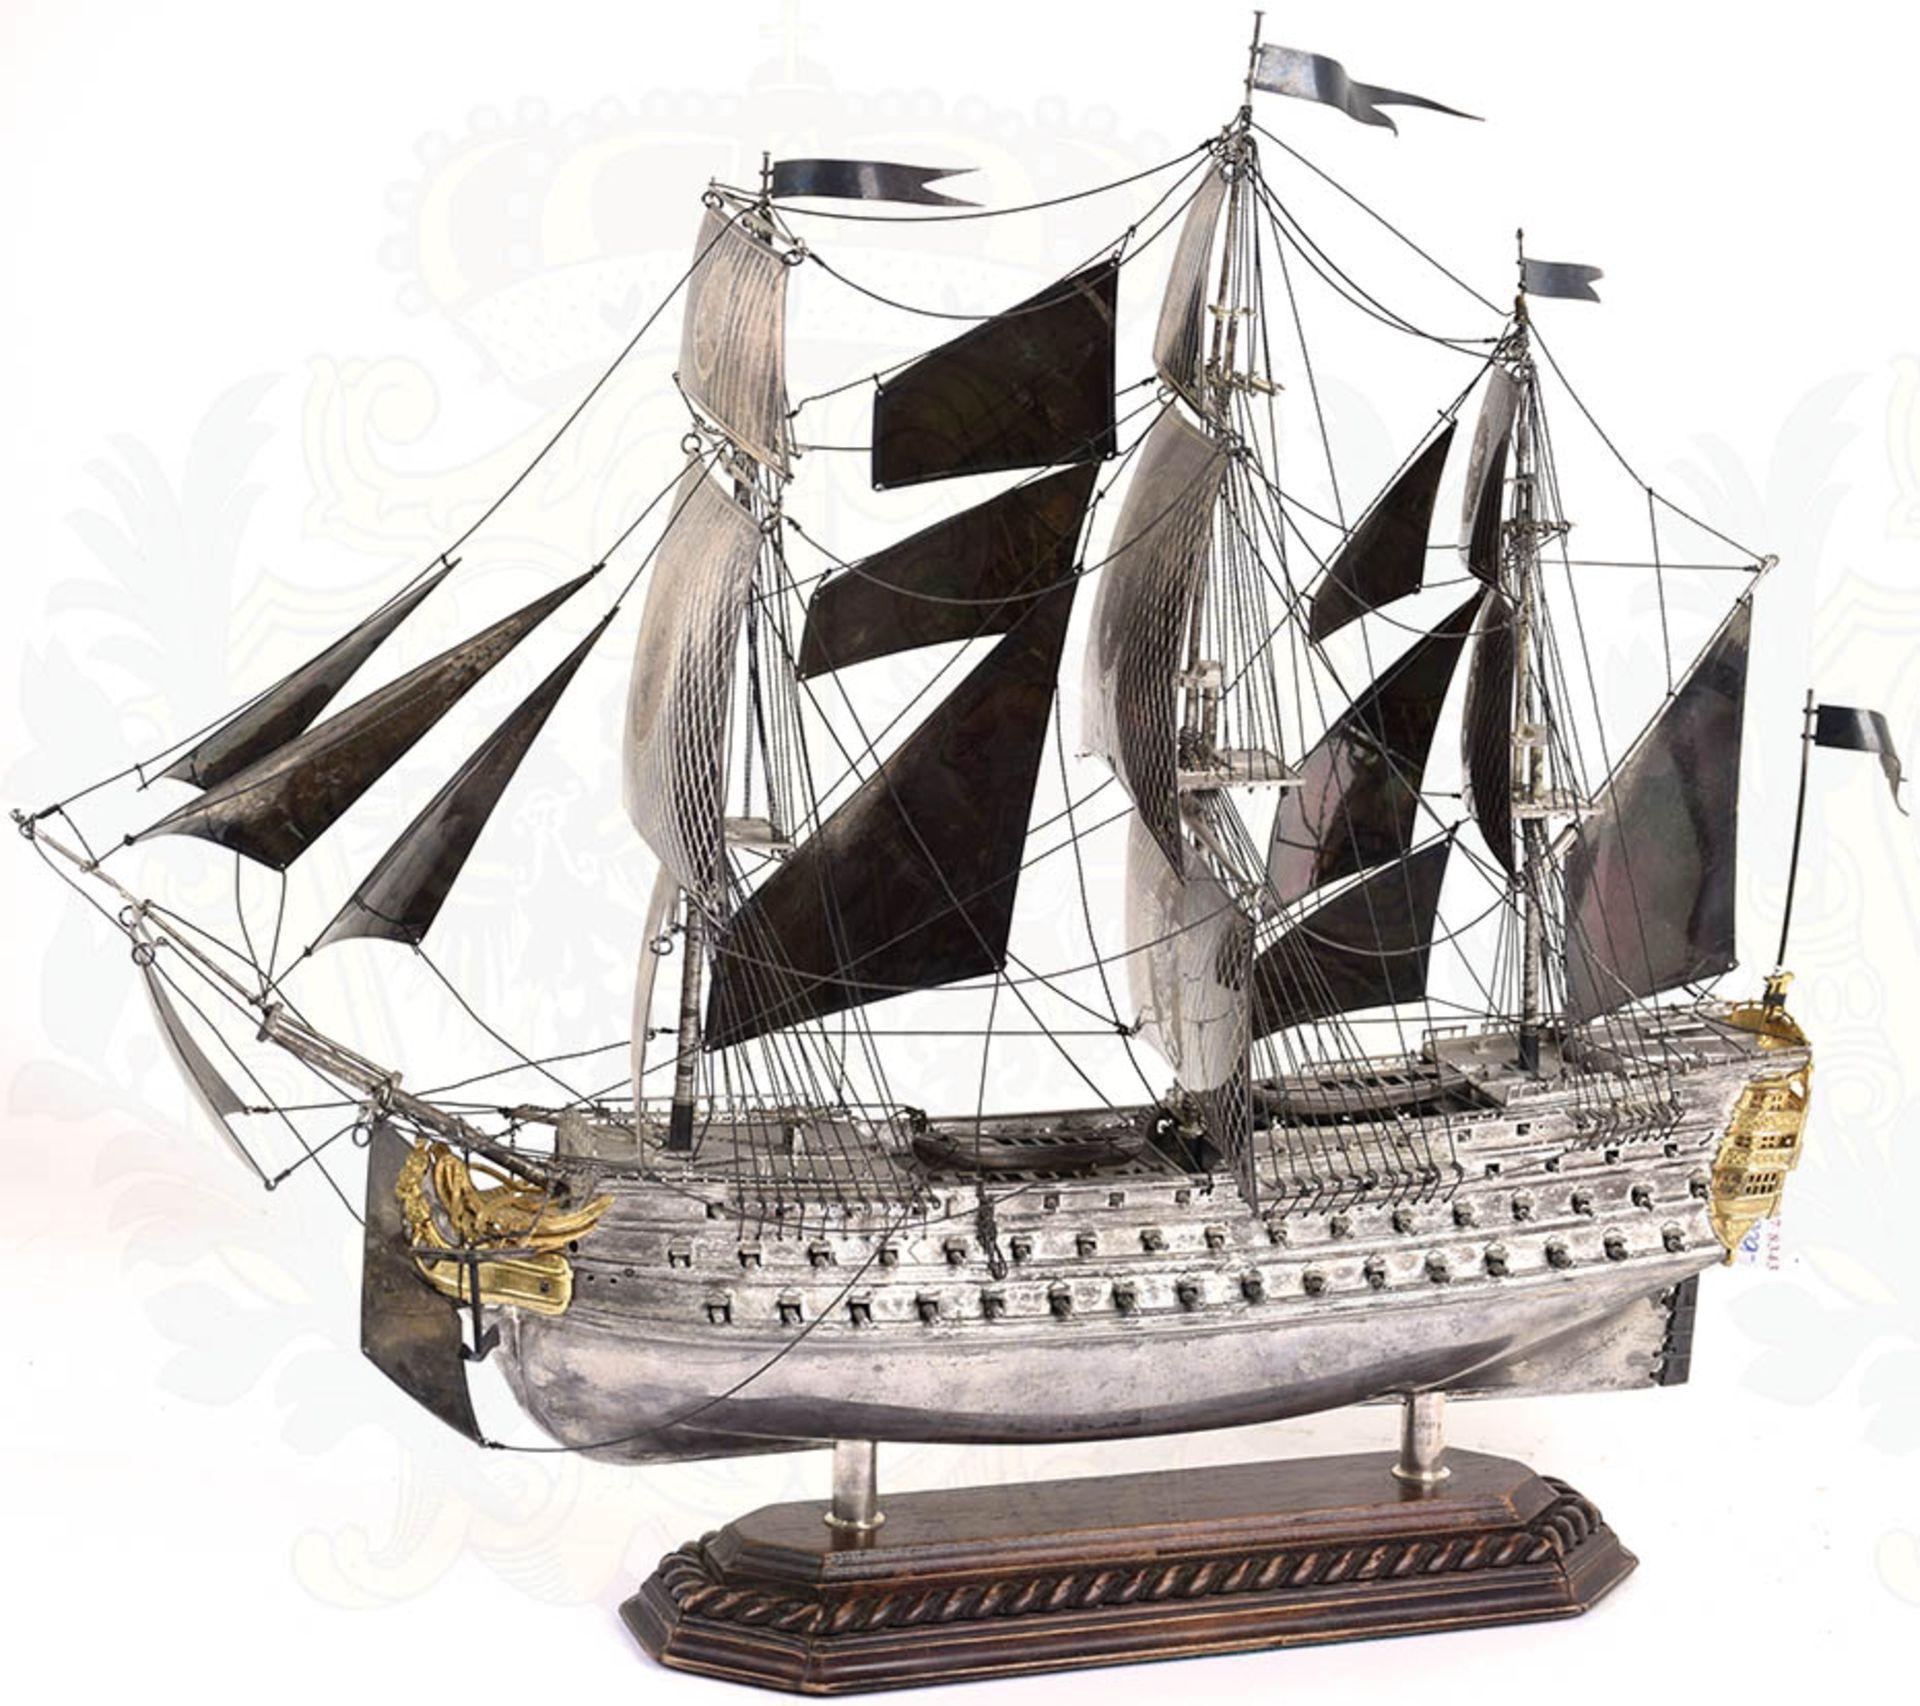 MODELL-LINIENSCHIFF, Dreidecker-Segellinienschiff der 2. Hälfte des 18. Jhd. mit 100 Kanonen, - Bild 15 aus 15